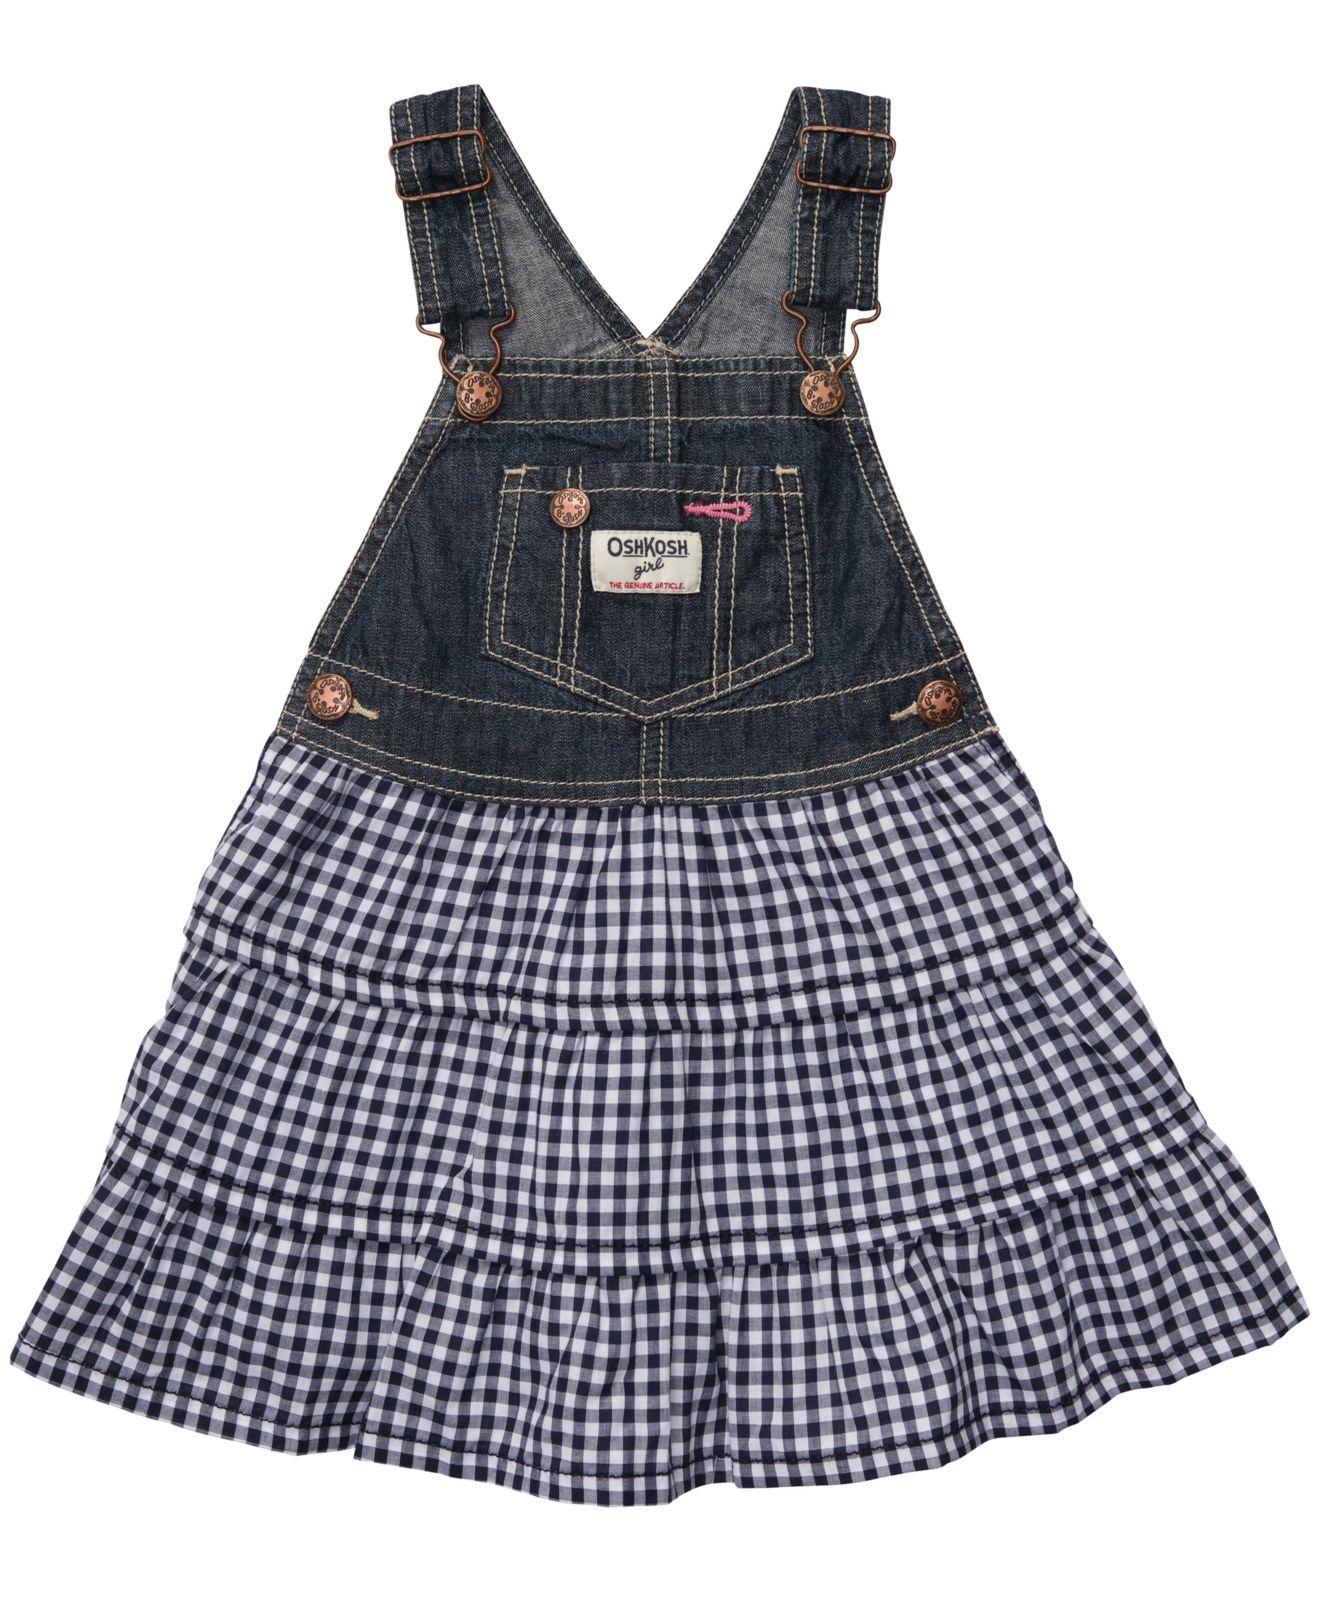 197a7b91e9 Osh Kosh Baby Dress